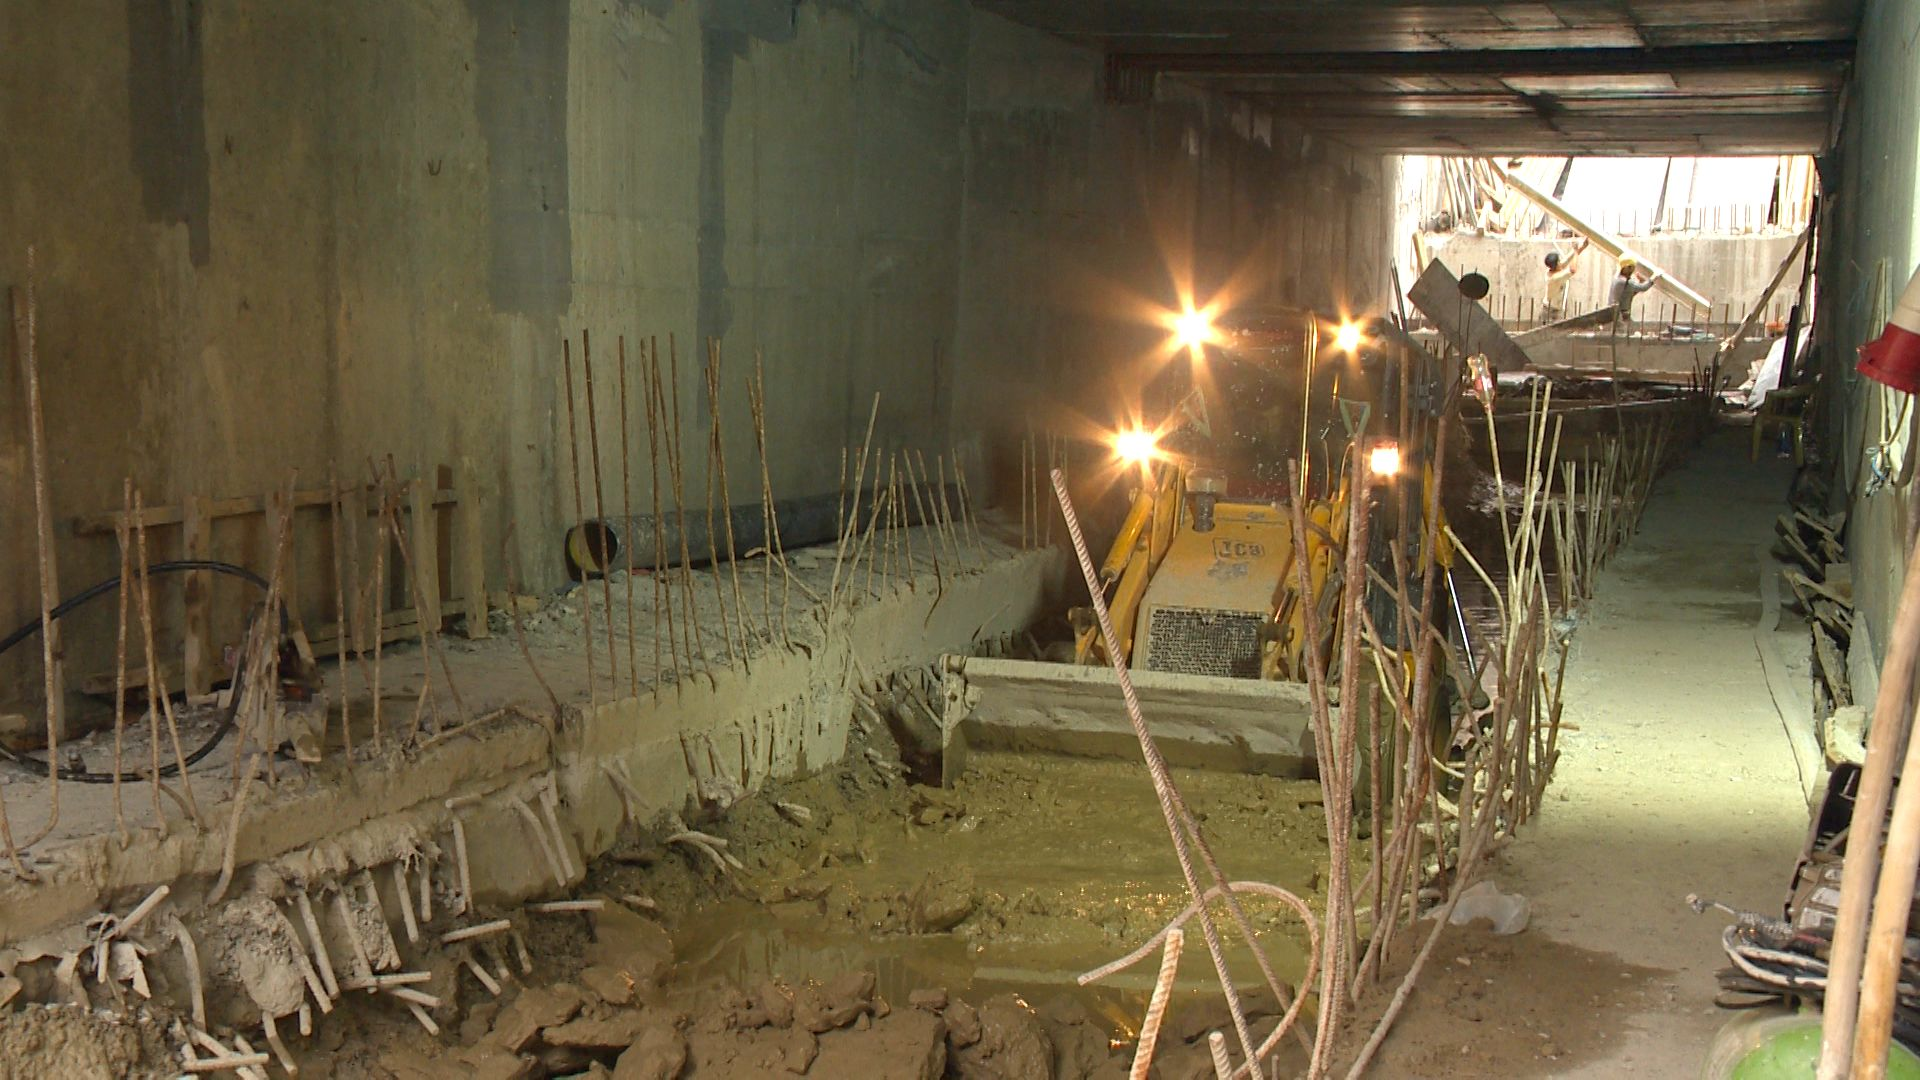 Bakıda 7 ərazidə yerüstü və yeraltı piyada keçidləri inşa edilir - SİYAHI (FOTO) - Gallery Image